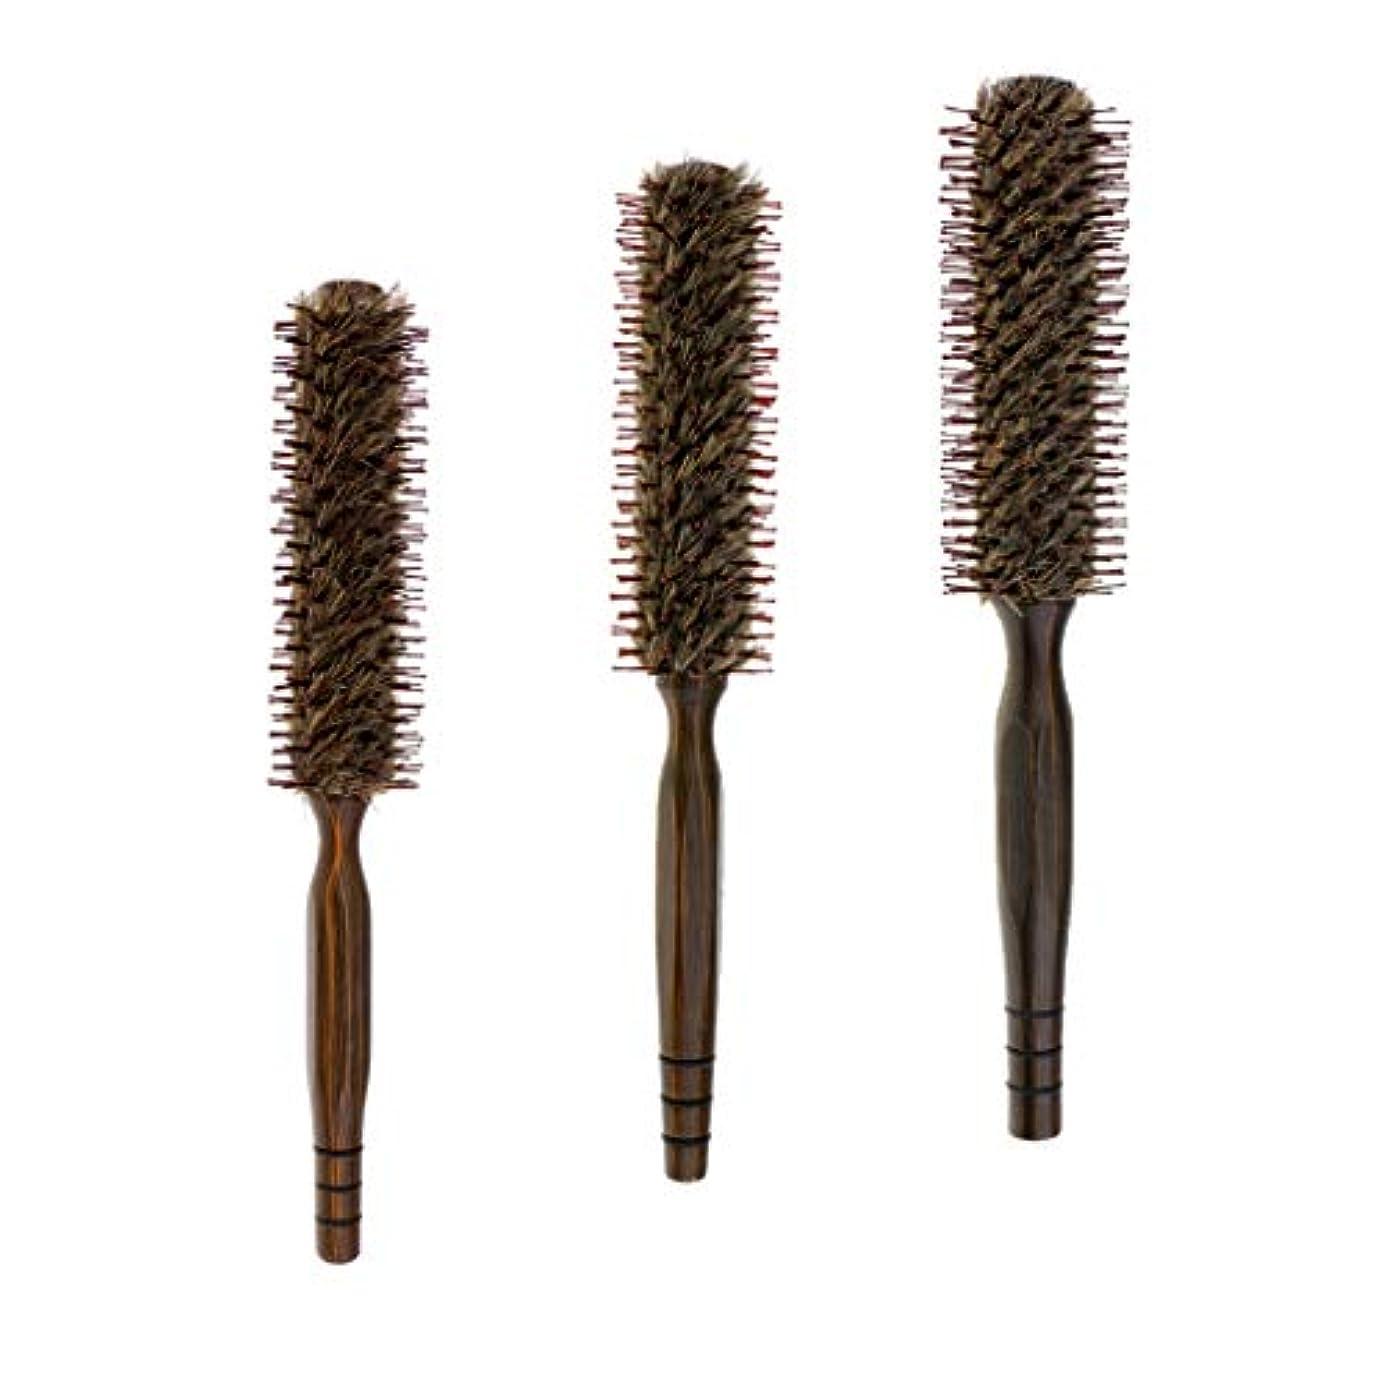 関税植物学者いわゆるToygogo 3パック小さい丸い木製理髪の毛の巻き毛の櫛のブラシ18/20 / 22mm